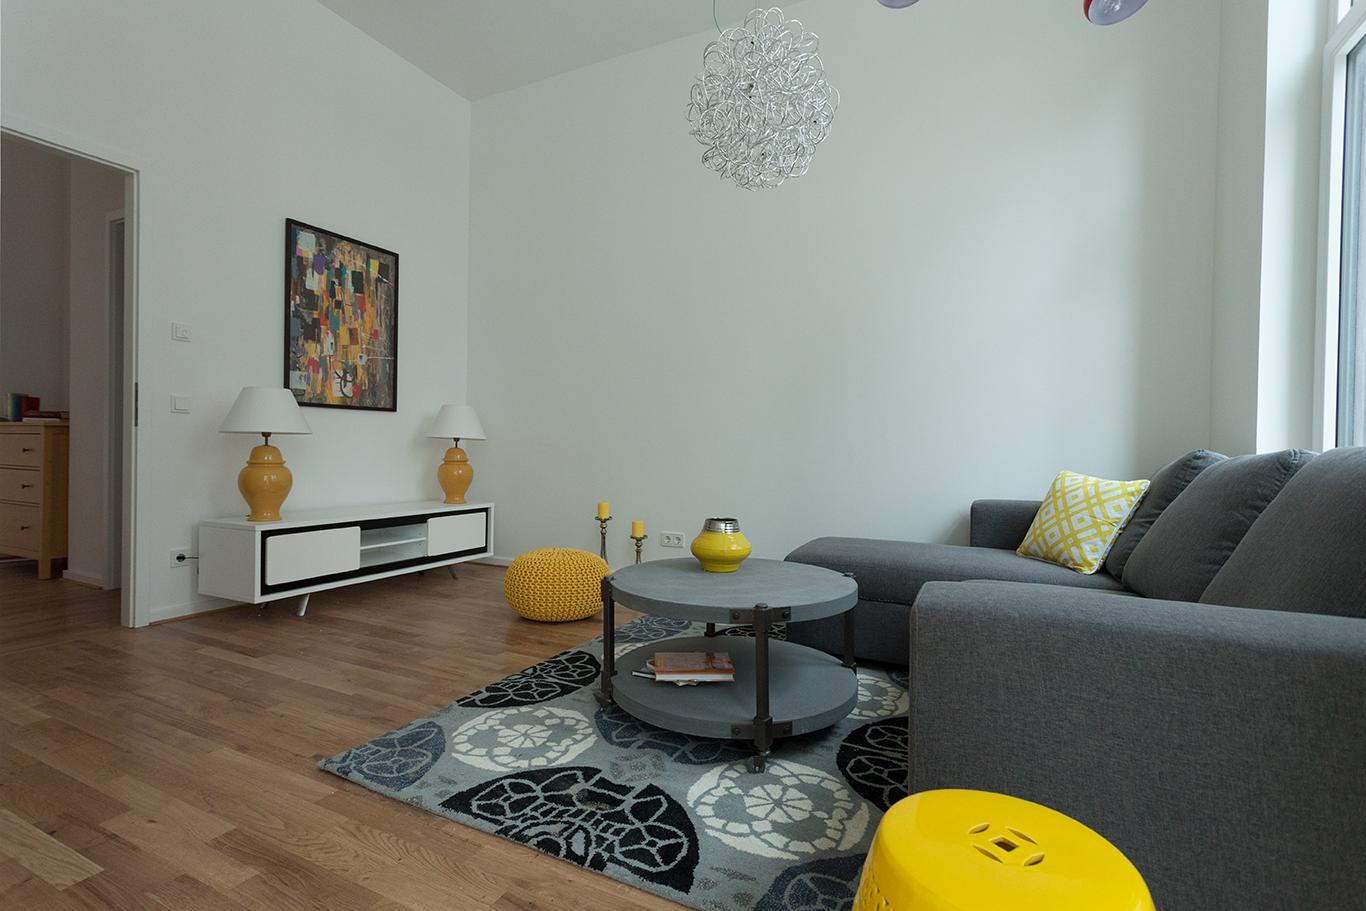 Wohnzimmer Blau Gelb: Wohnzimmer farbkombination in gelb bamboo ...